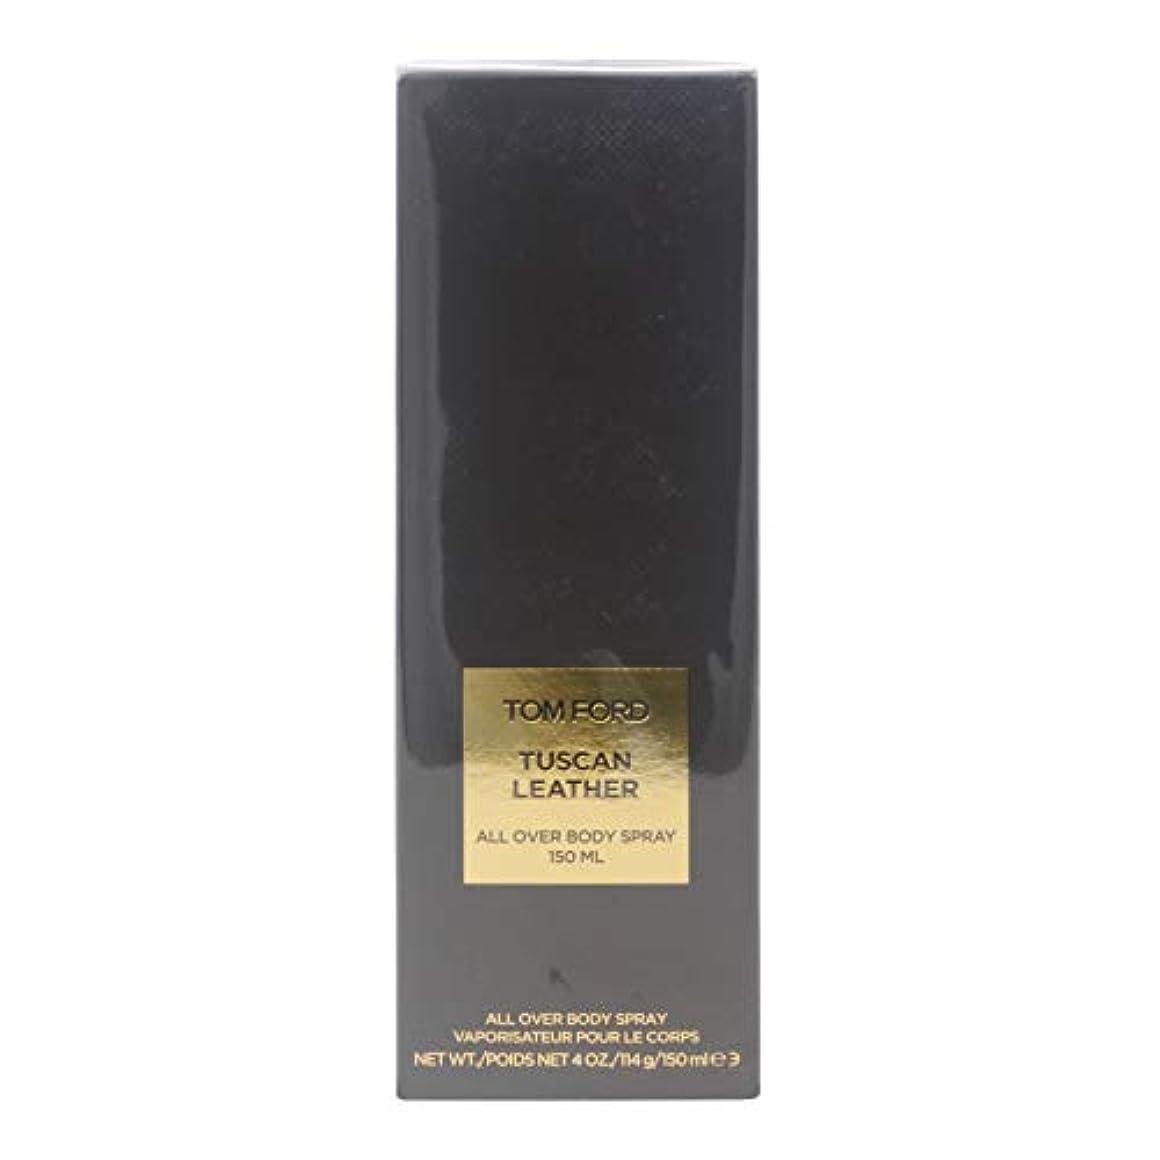 浴誇り種類Tom Ford Private Blend 'Tuscan Leather' (トムフォード プライベートブレンド トスカンレザー) 5.0 oz (150ml) All Over Body Spray